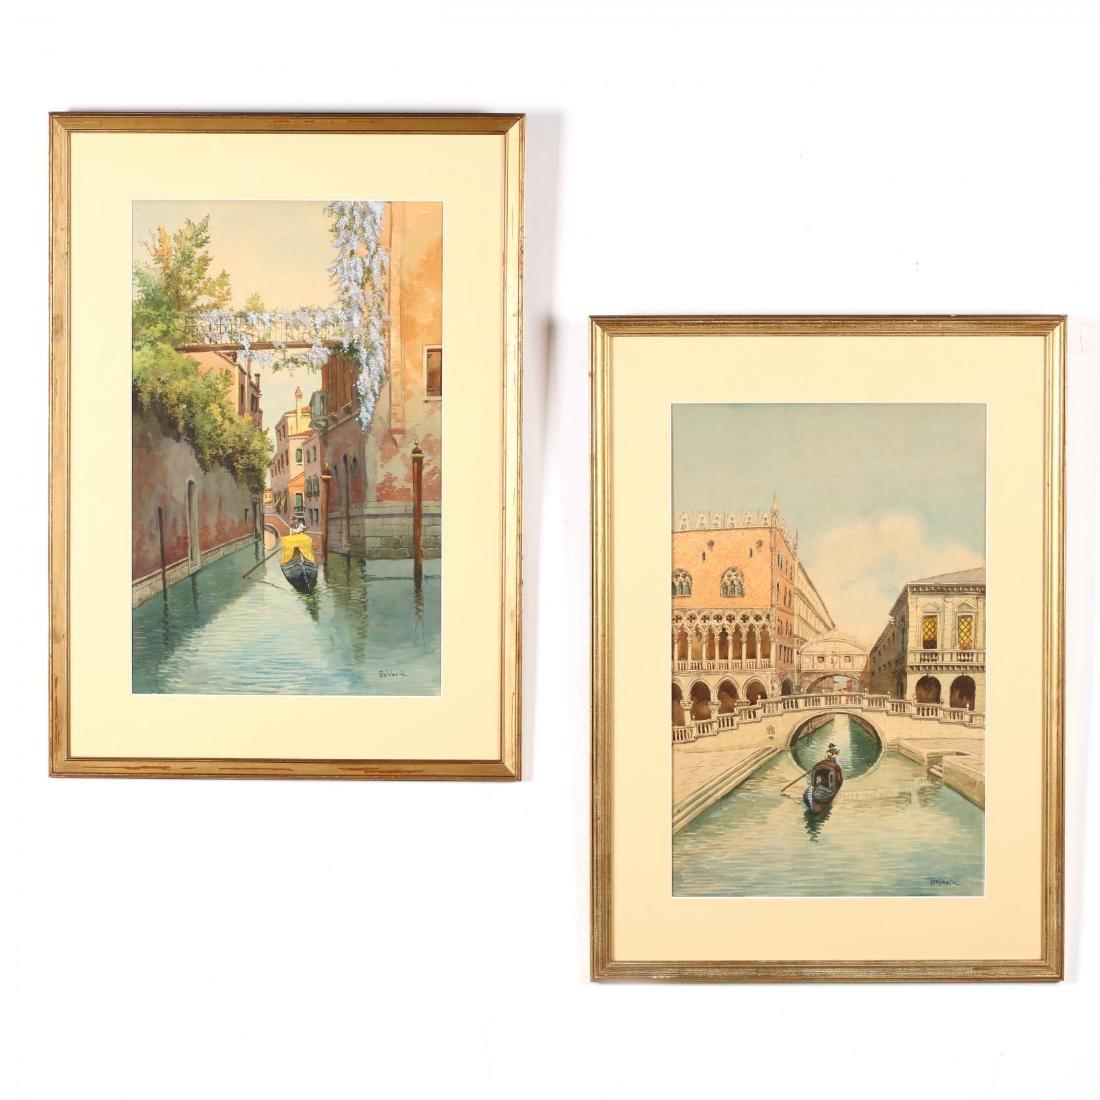 A Pair of Vintage Venetian Watercolors